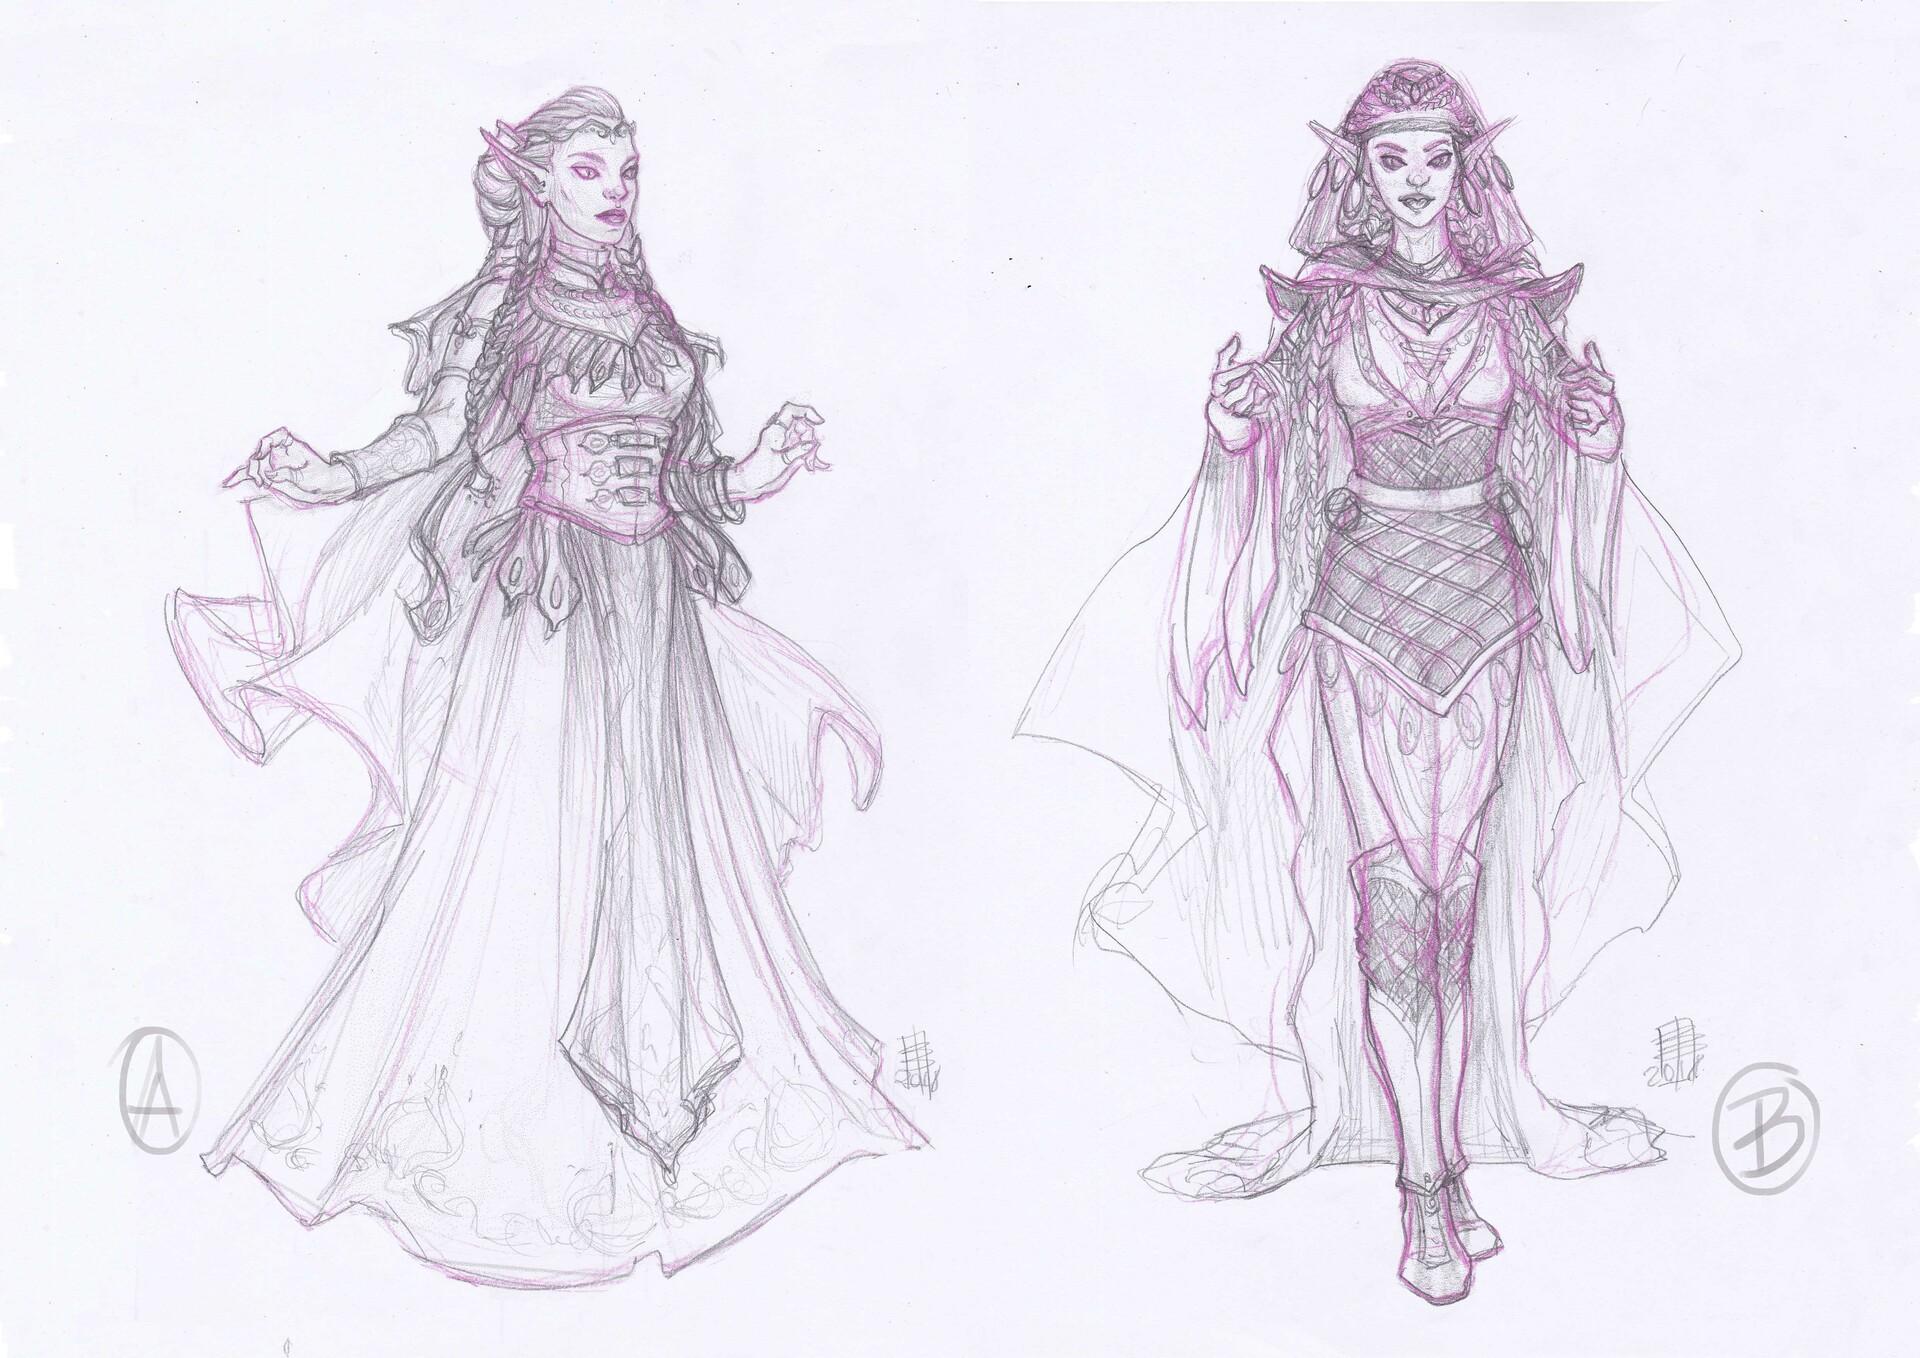 Beatrice pelagatti elf of celmae sketches